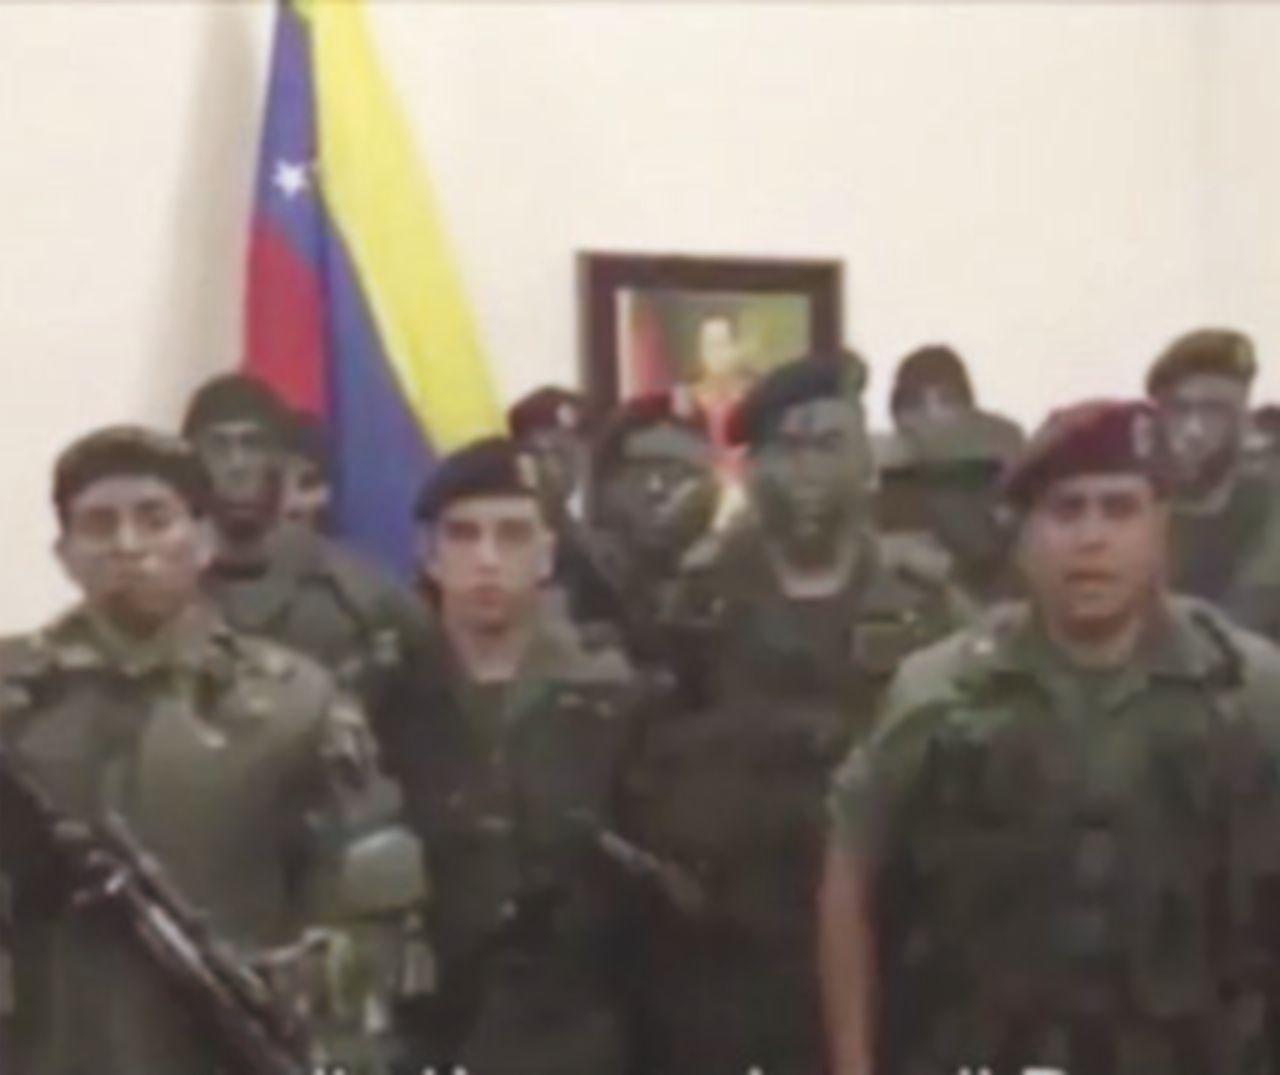 Ribelli anti-presidente tentano un golpe nel Nord del Paese: due morti, sette arresti